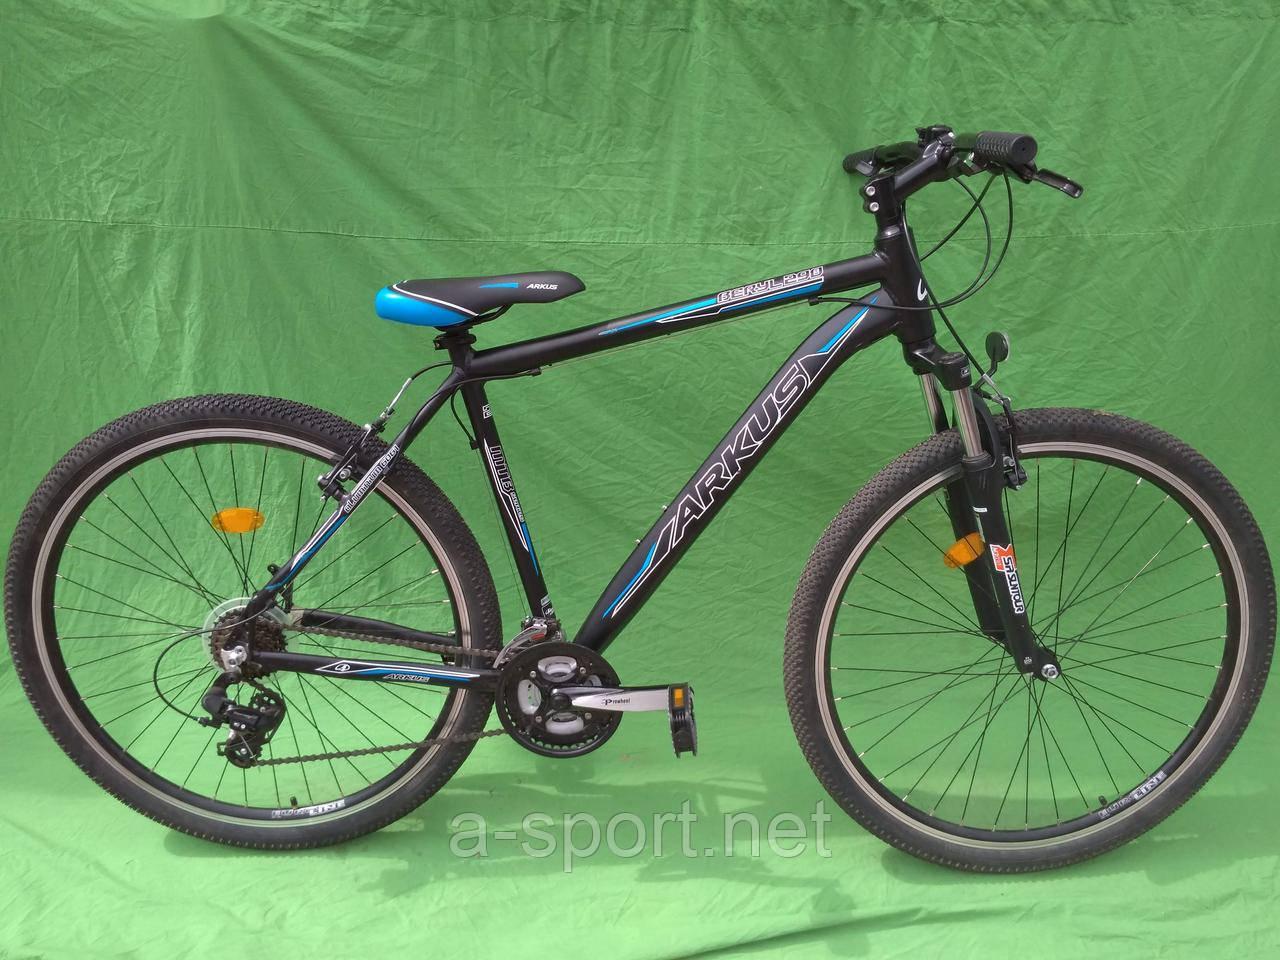 Гірський велосипед Arcus Beryl, колеса 29, алюміній, новий